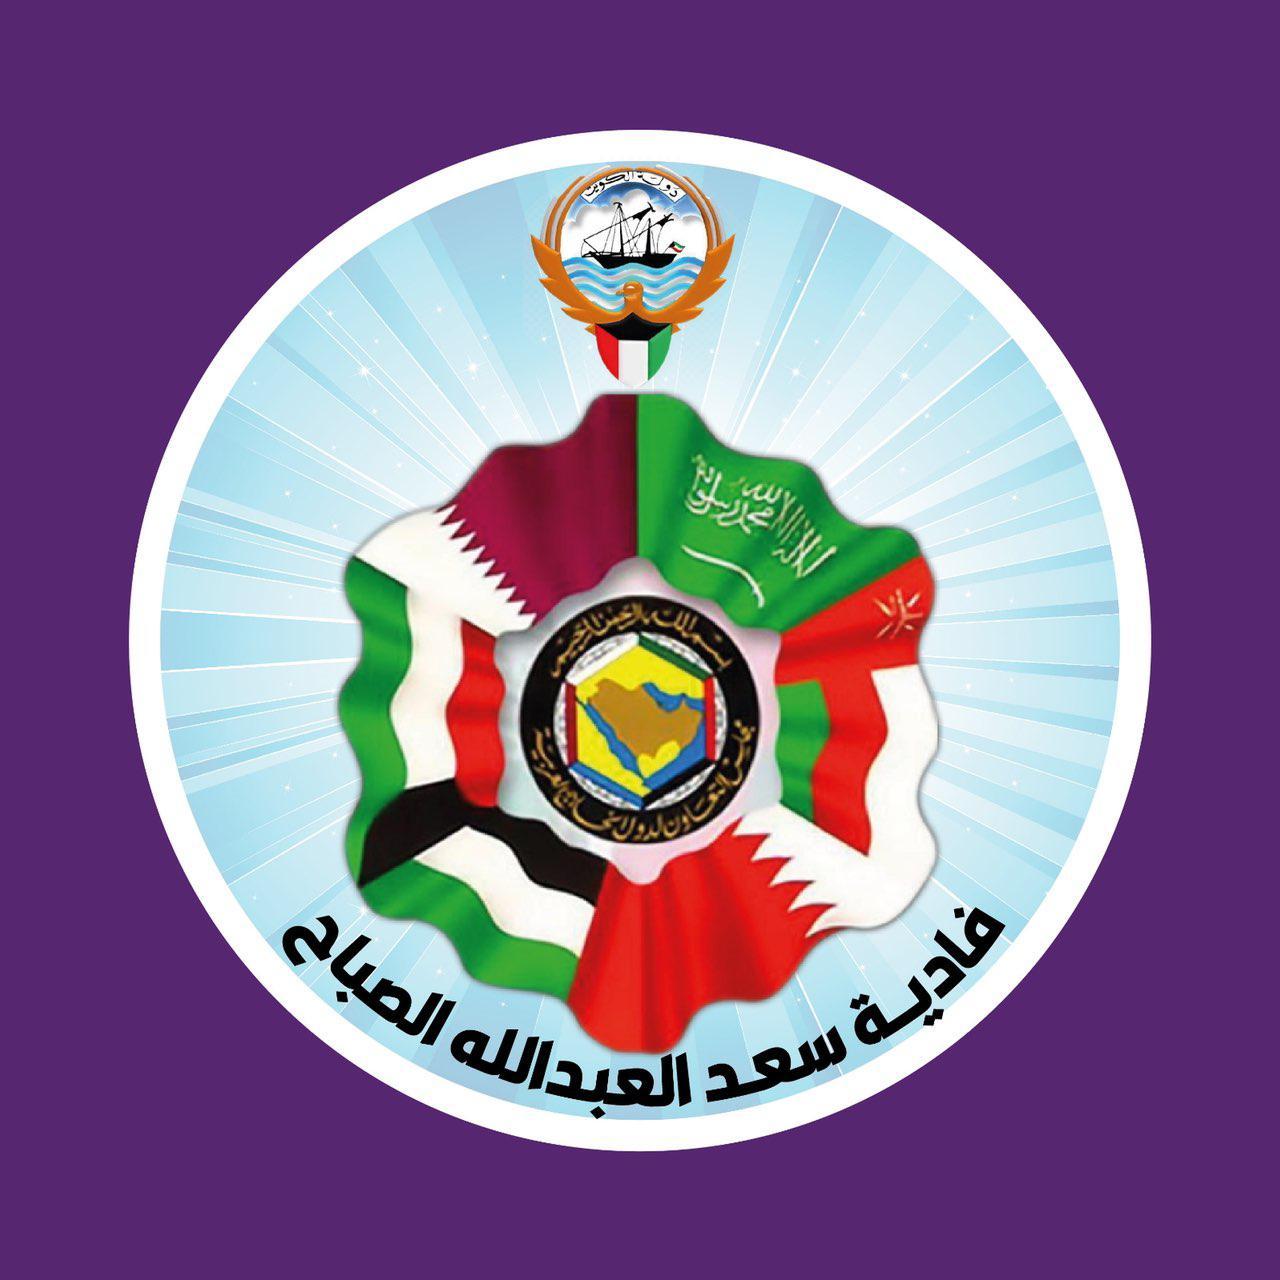 Fadyah Saad AlSabah Clubhouse